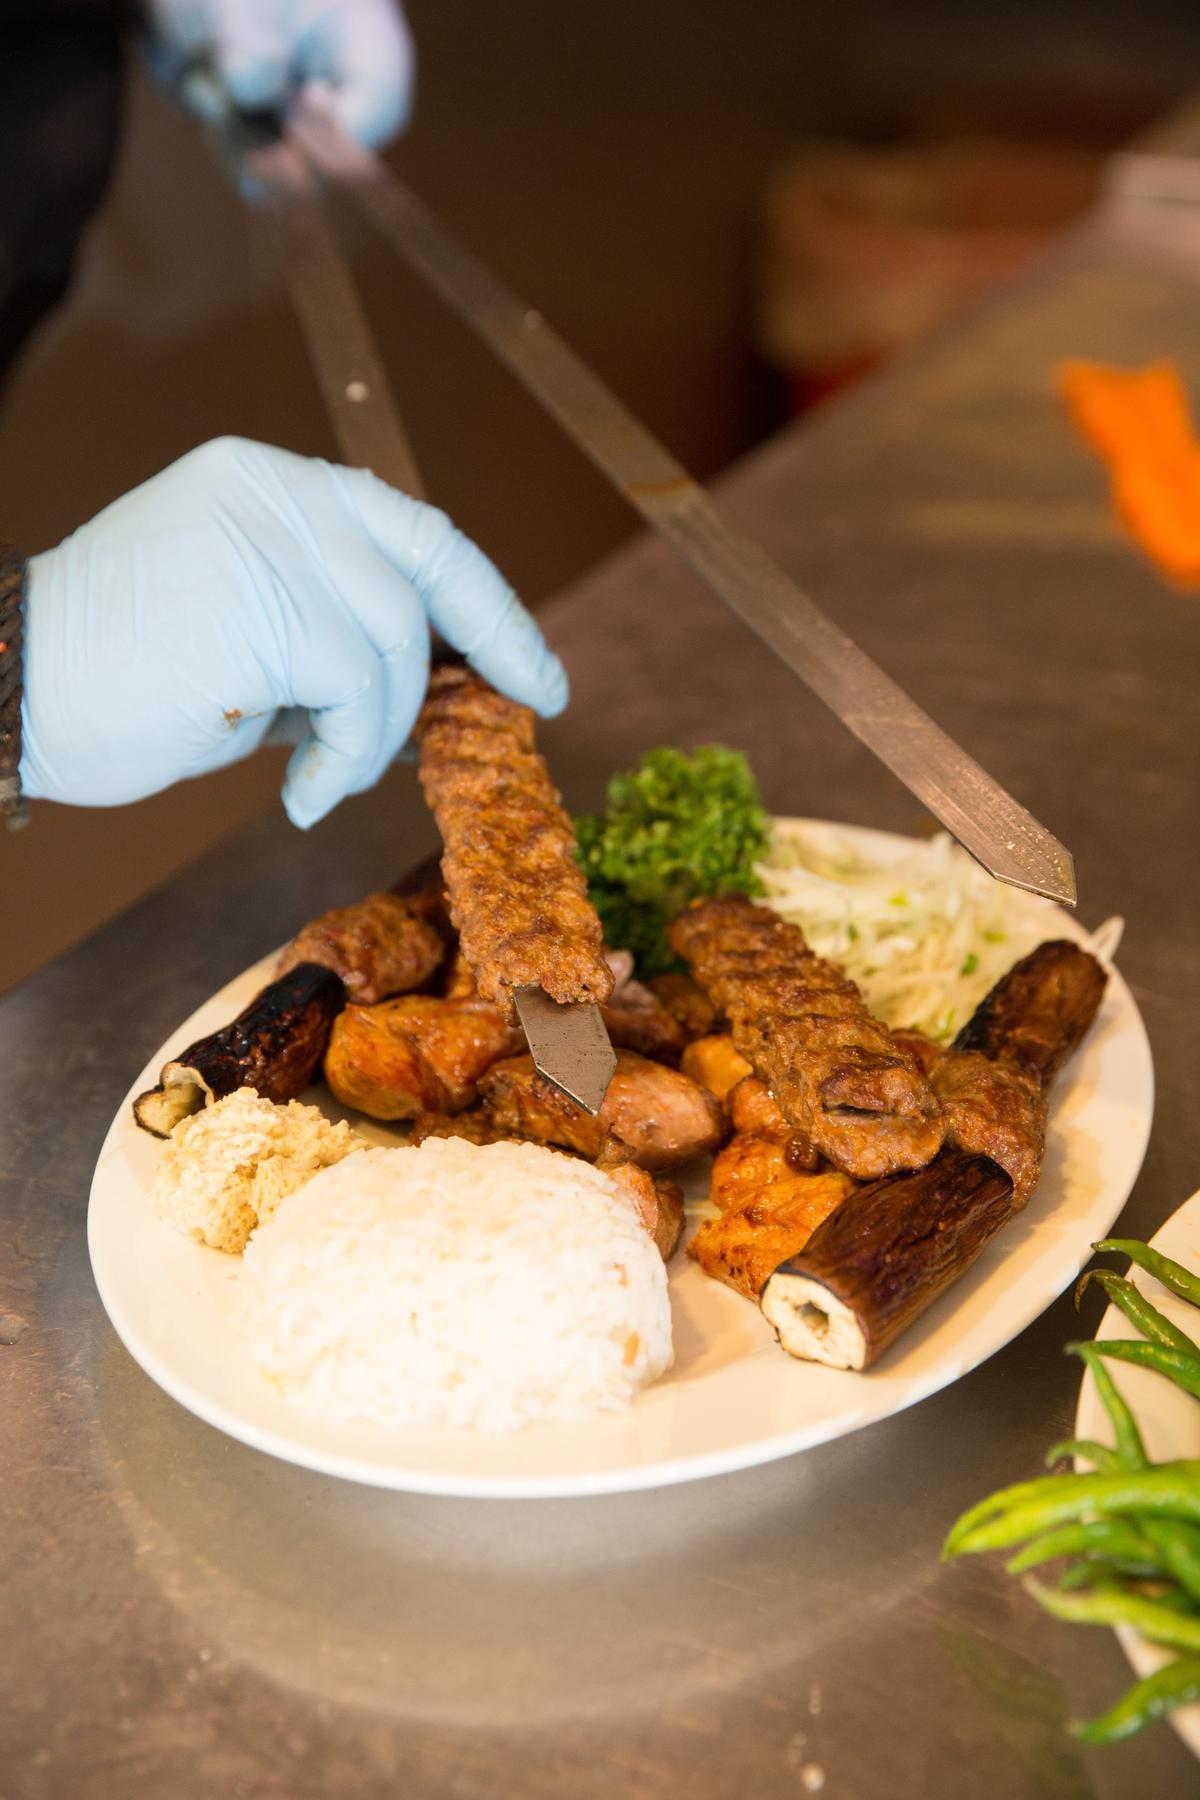 劍型的寬烤串除了防止食材掉落,導熱效果也更佳。